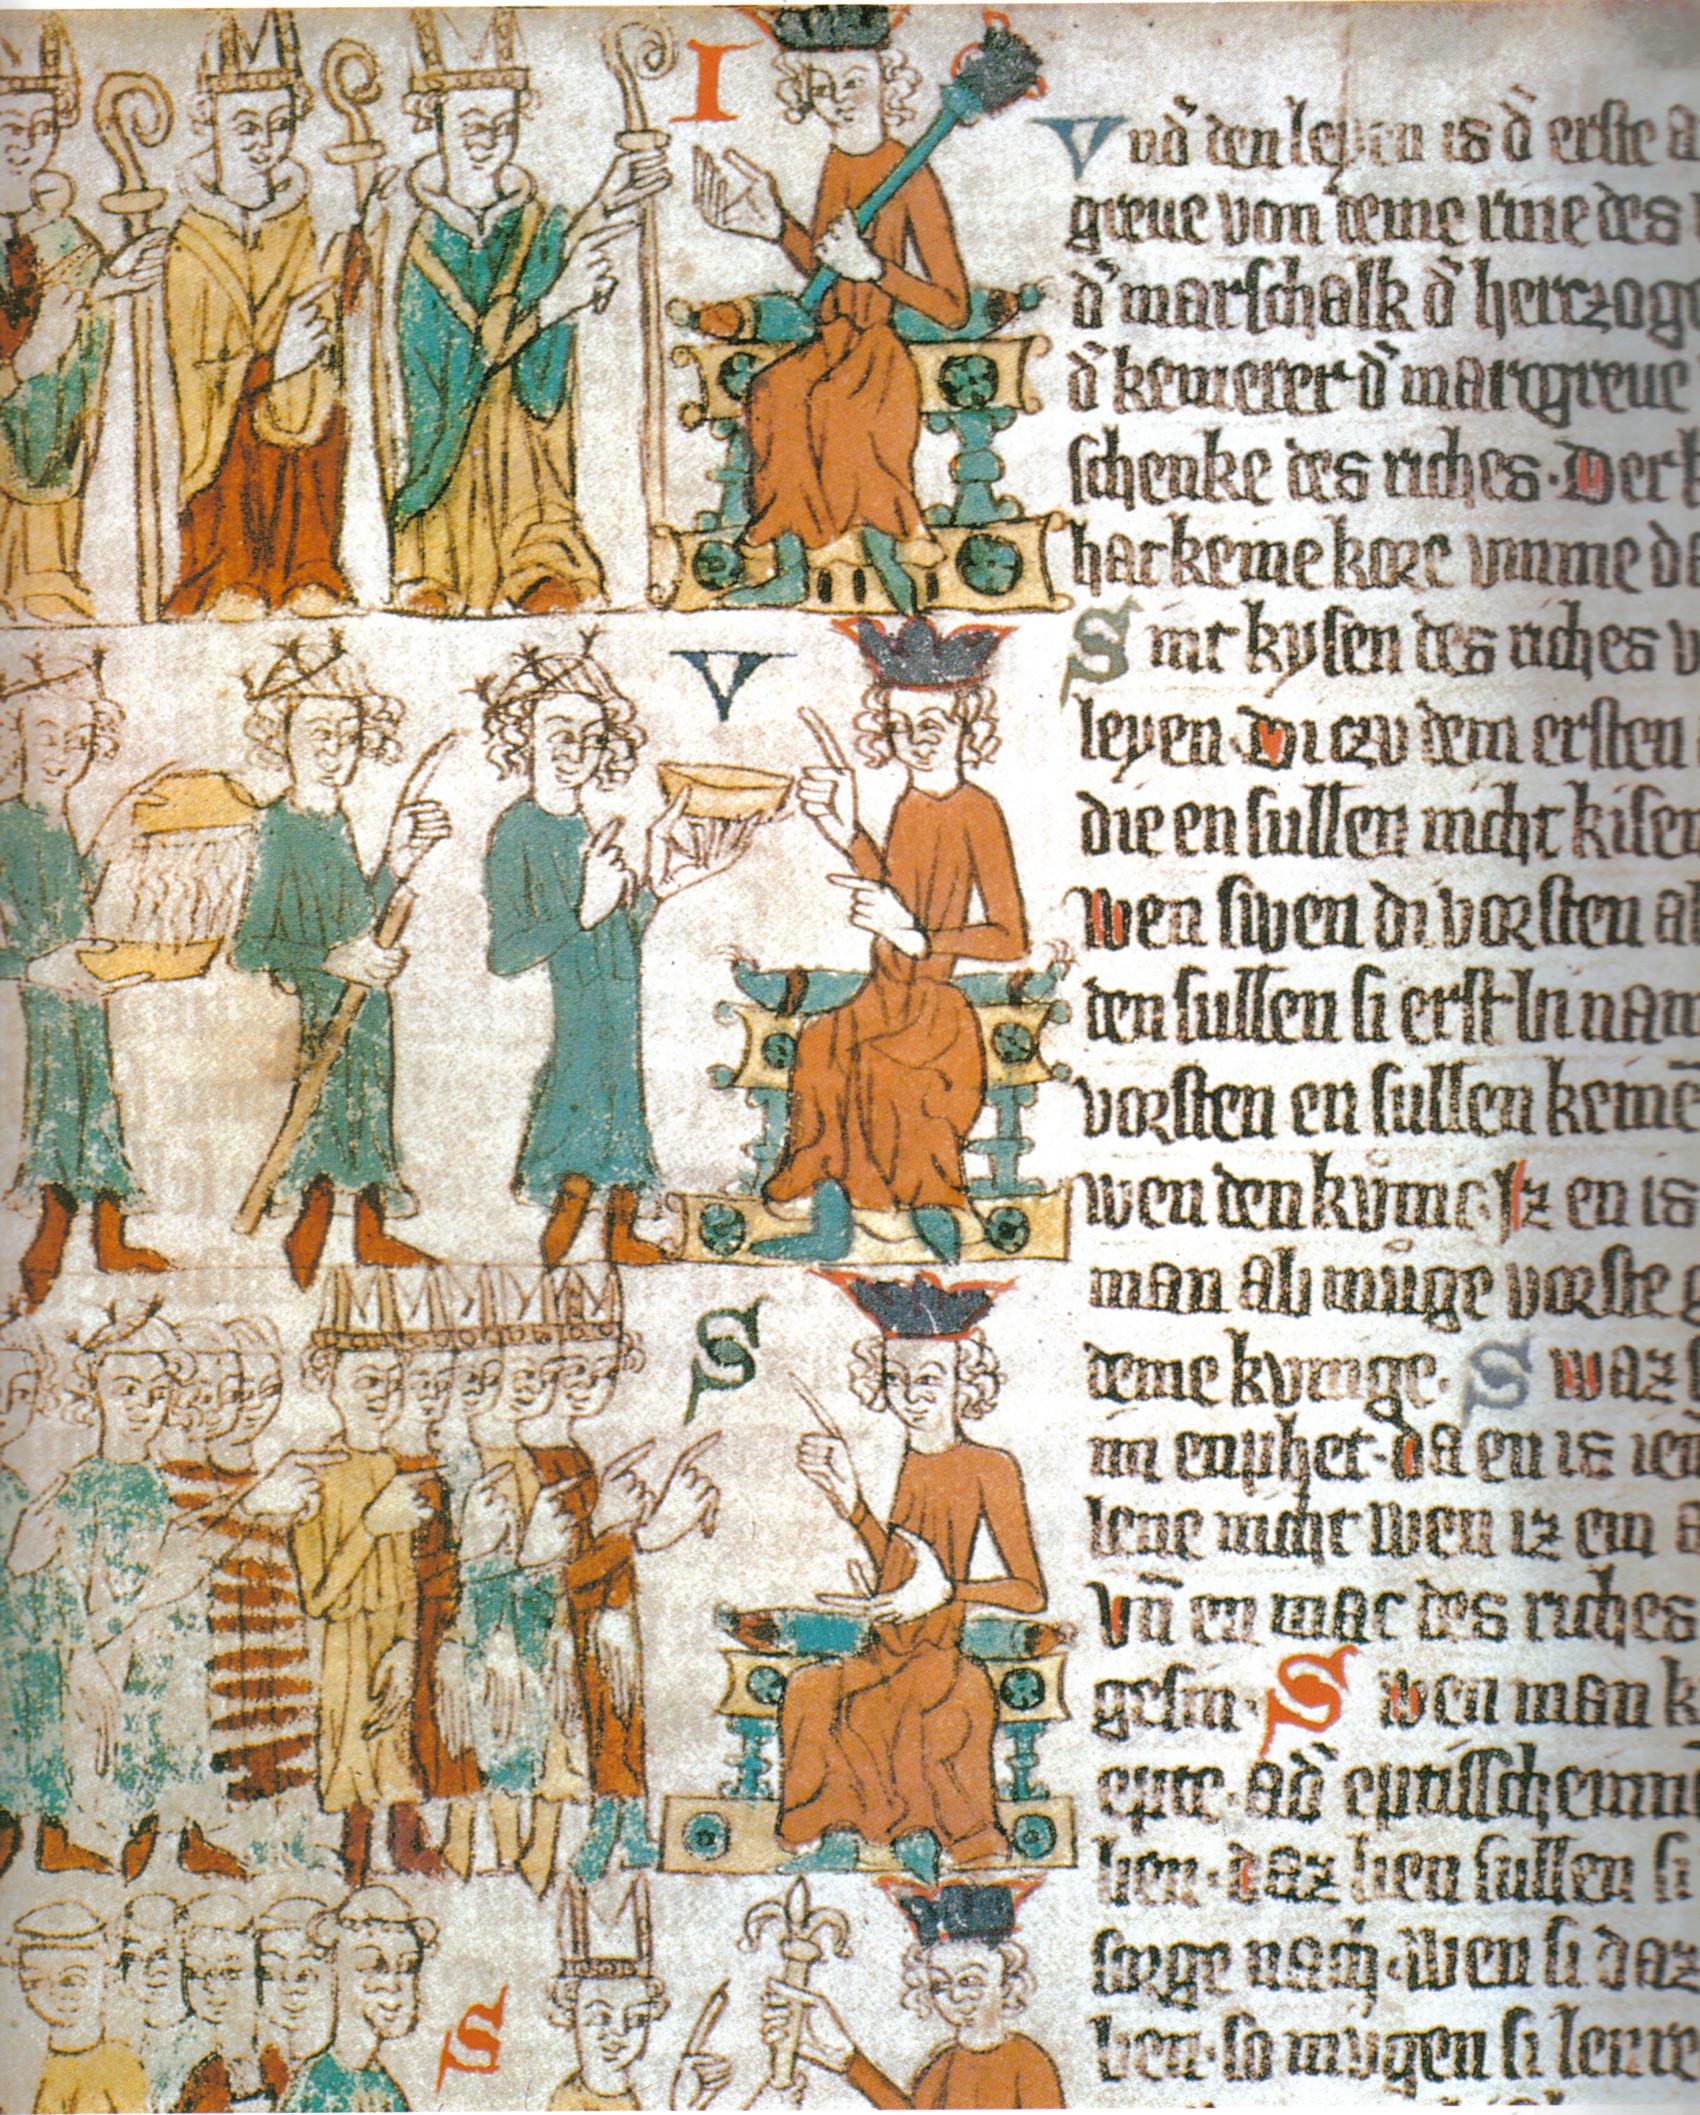 cc commons.wikimedia.org Heidelberger Sachsenspiegel die wahl des deutschen Königs